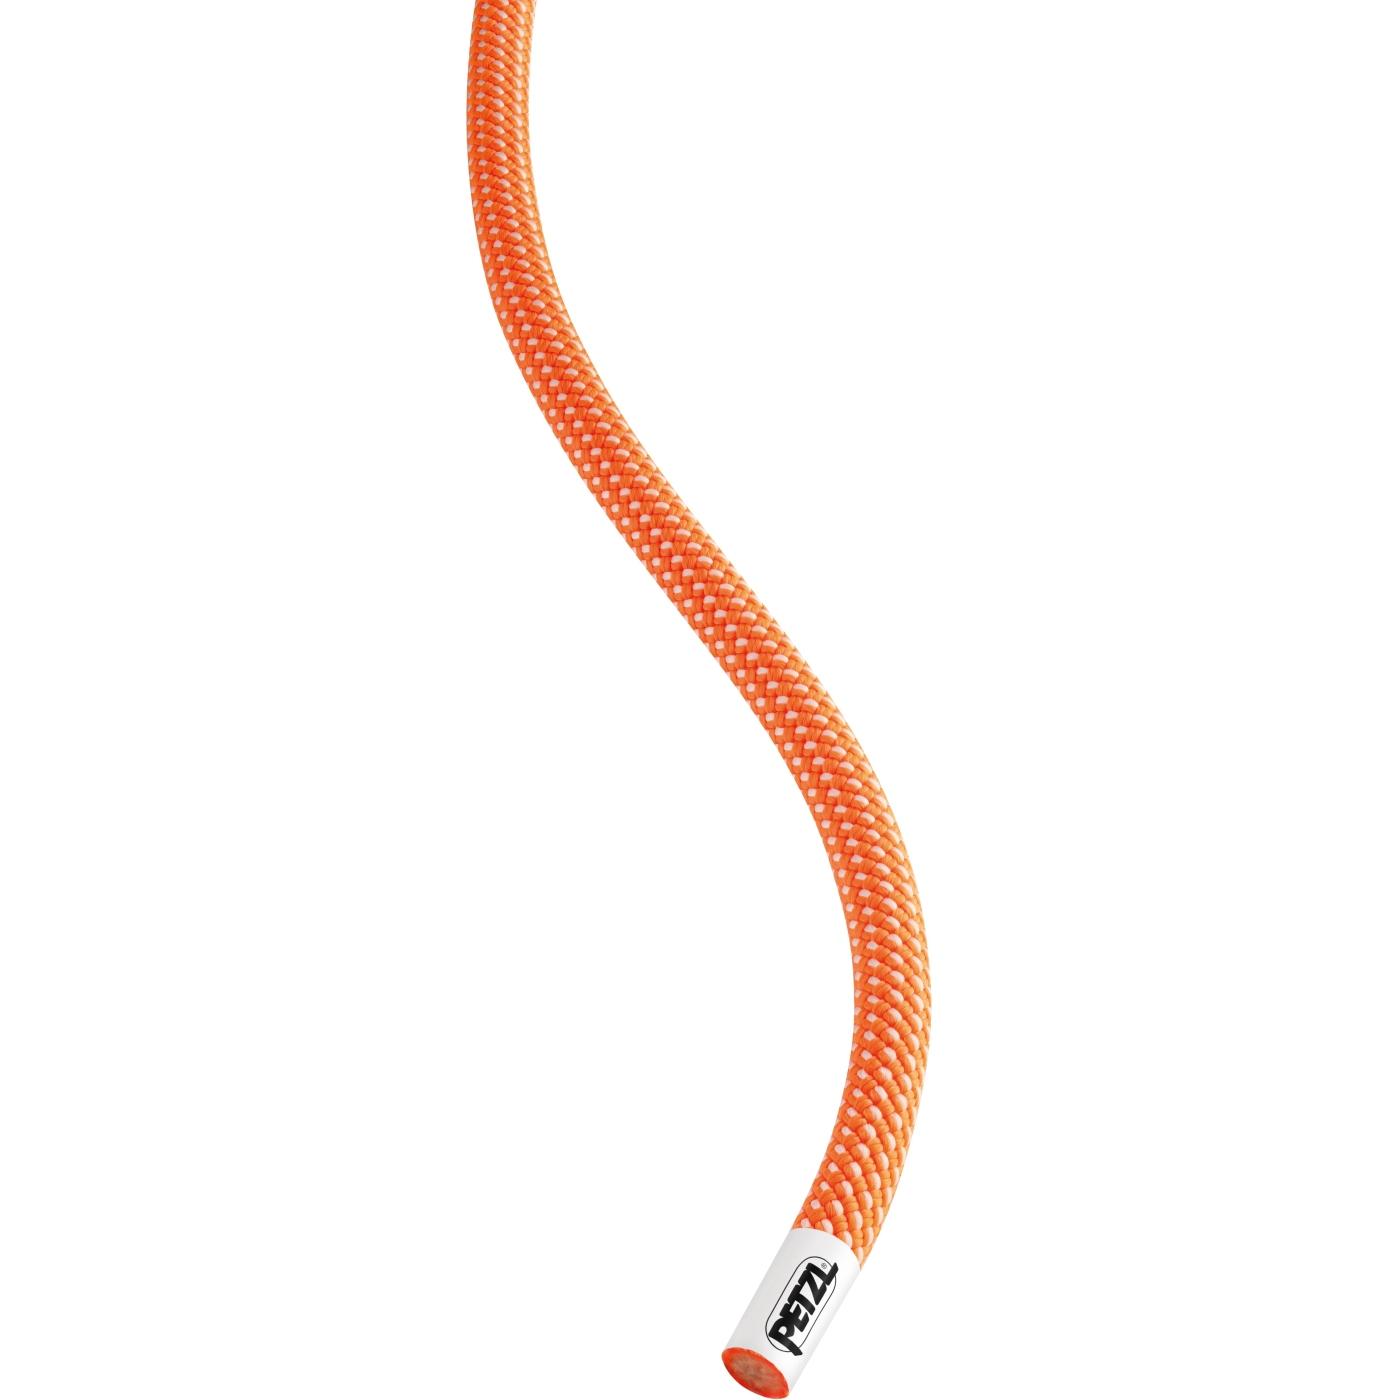 Produktbild von Petzl Volta 9.2 mm Kletterseil - 80 m - orange